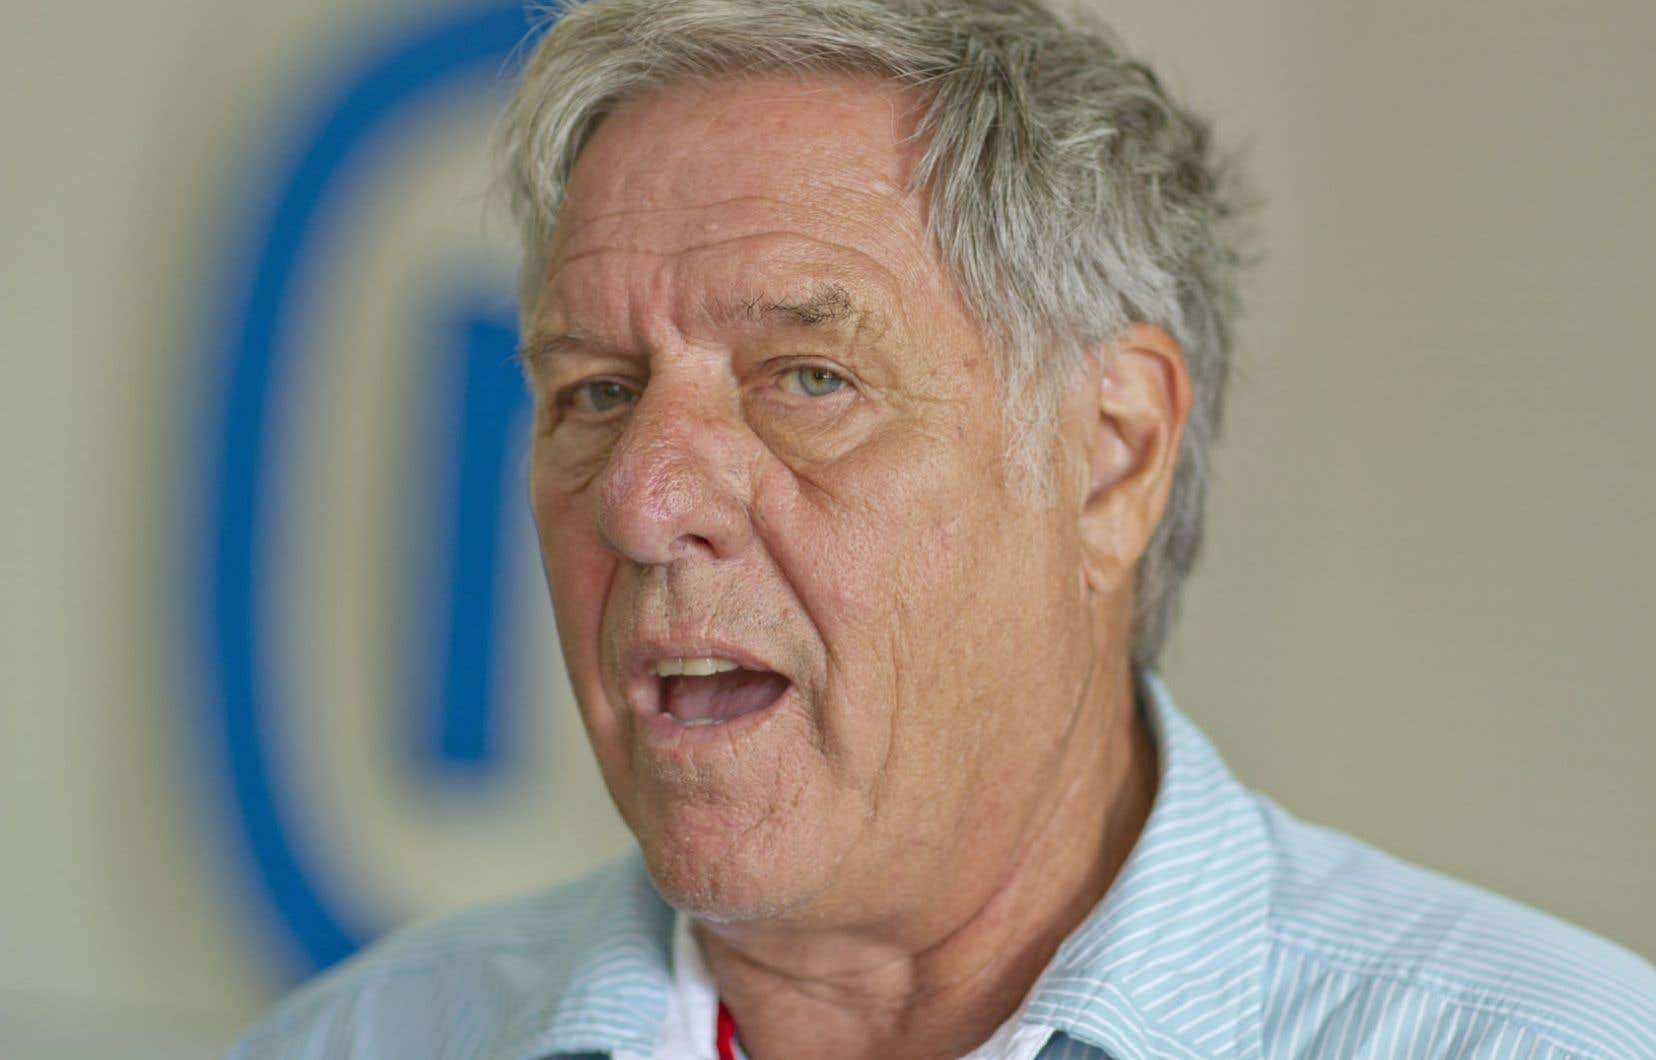 Le président du Nouveau Mouvement pour le Québec, Pierre Curzi, croit que l'intervention d'Ottawa a ranimé la ferveur souverainiste. Un congrès indépendantiste est prévu en mars.